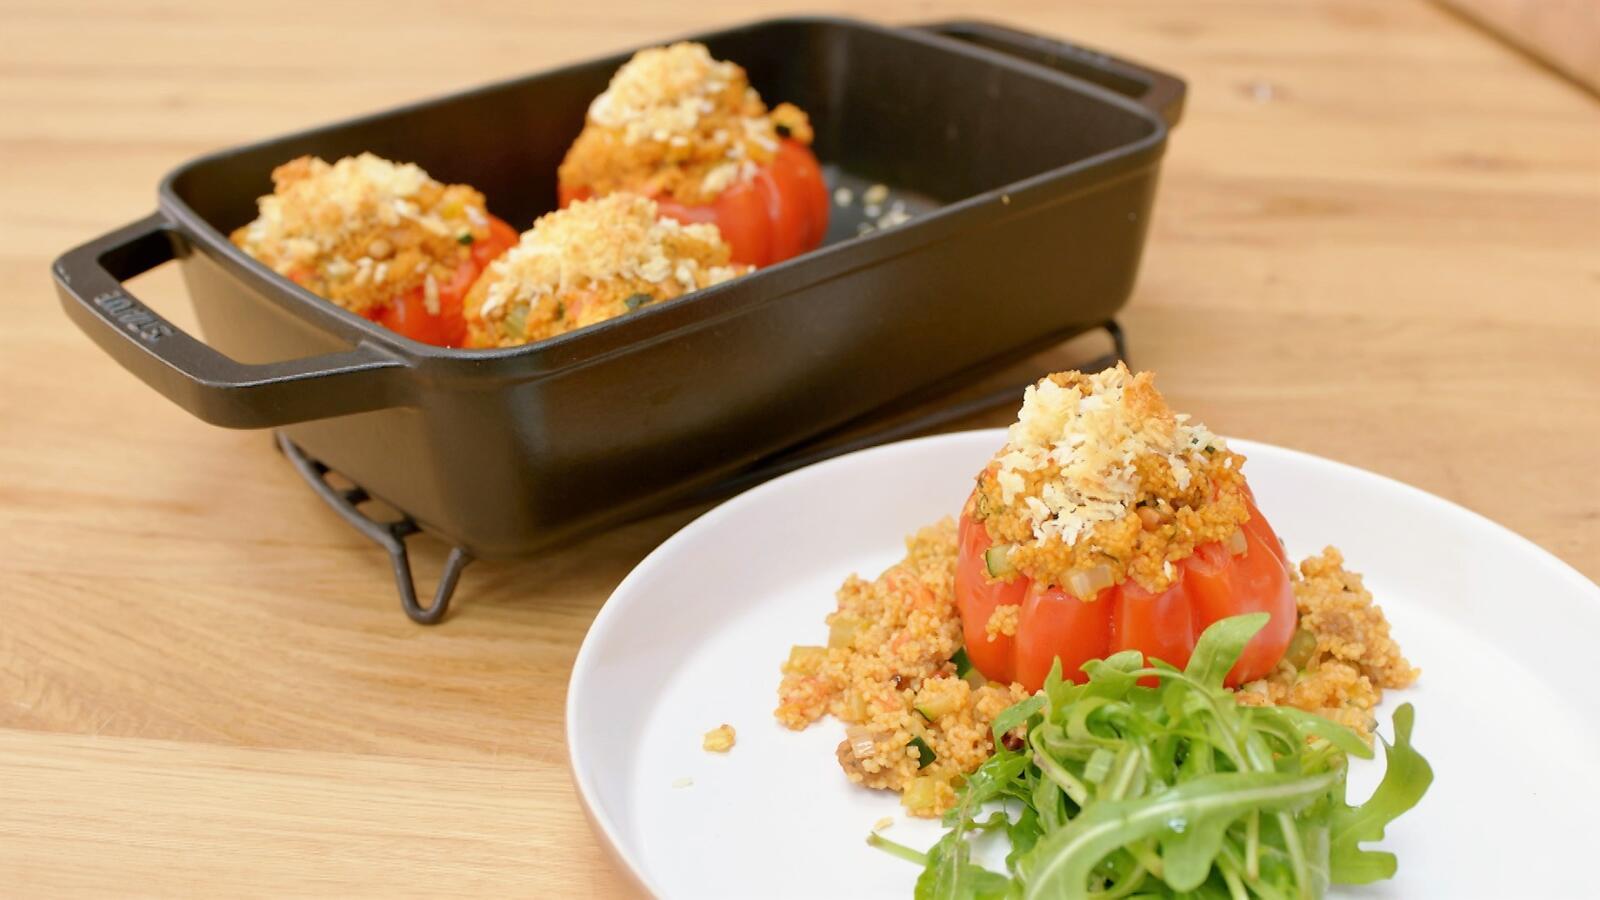 Gevulde tomaten met merguez en couscous